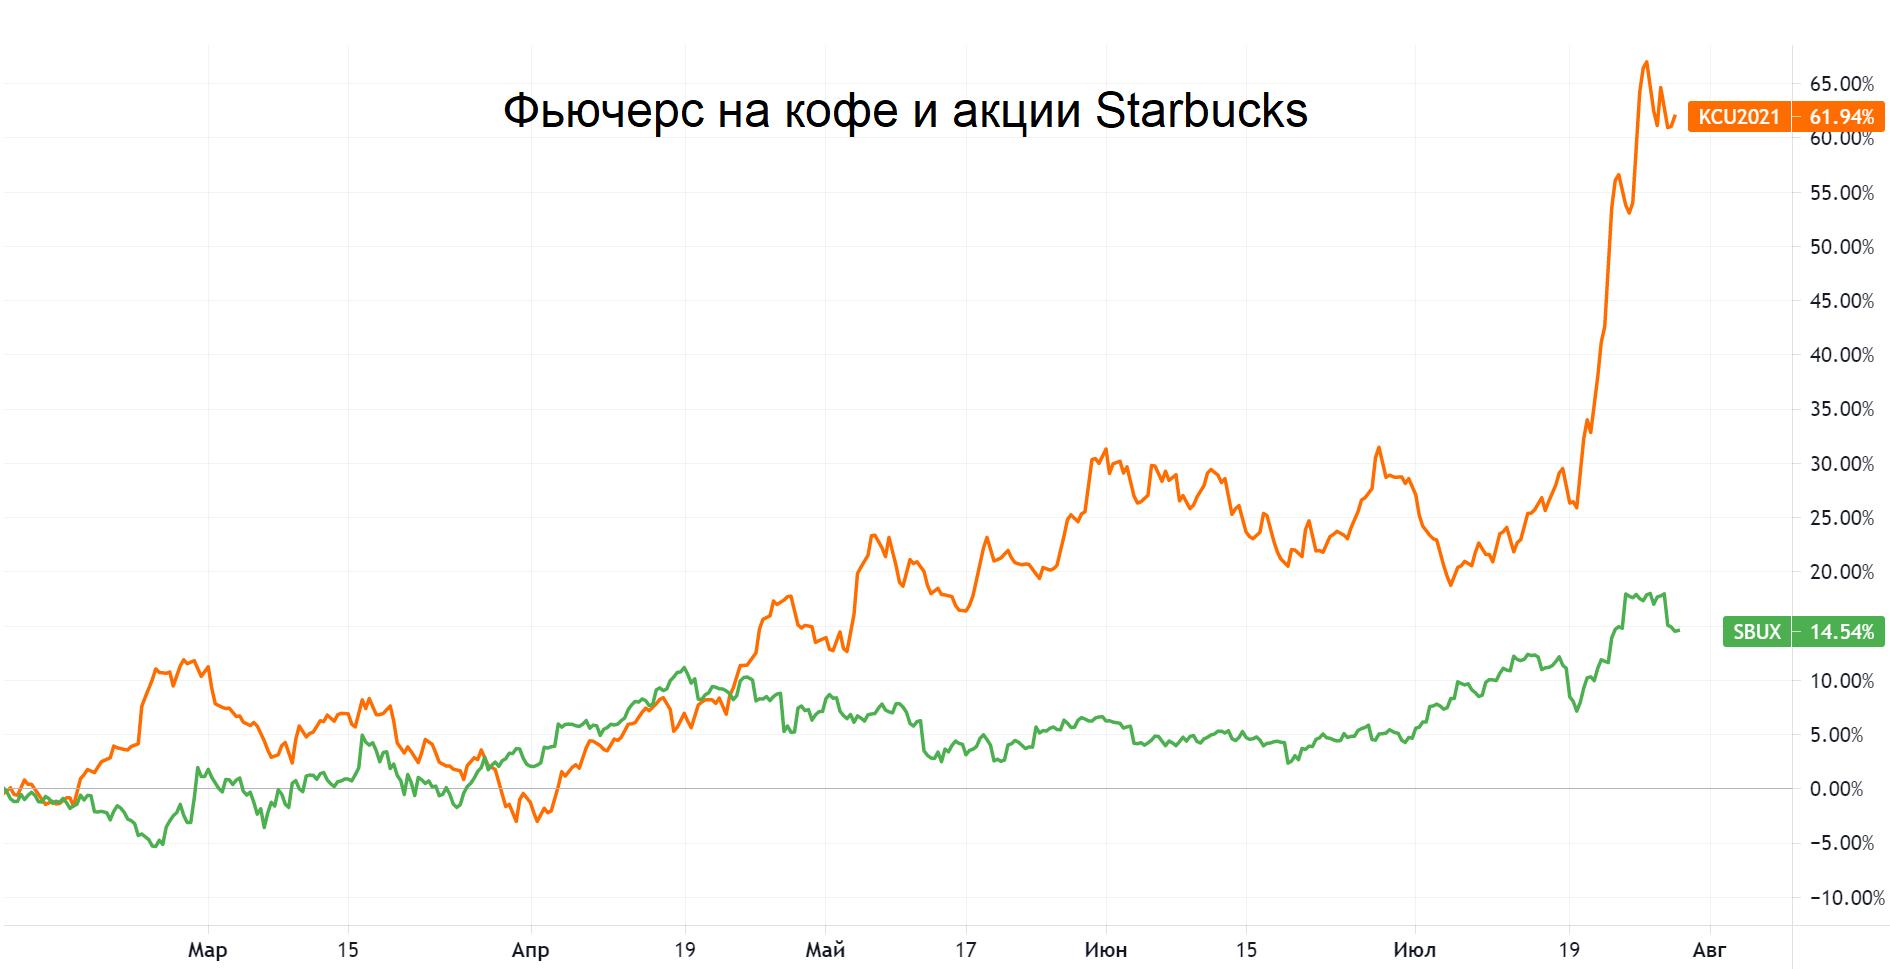 Цены на кофе бьют семилетние максимумы. Как на этом заработать?